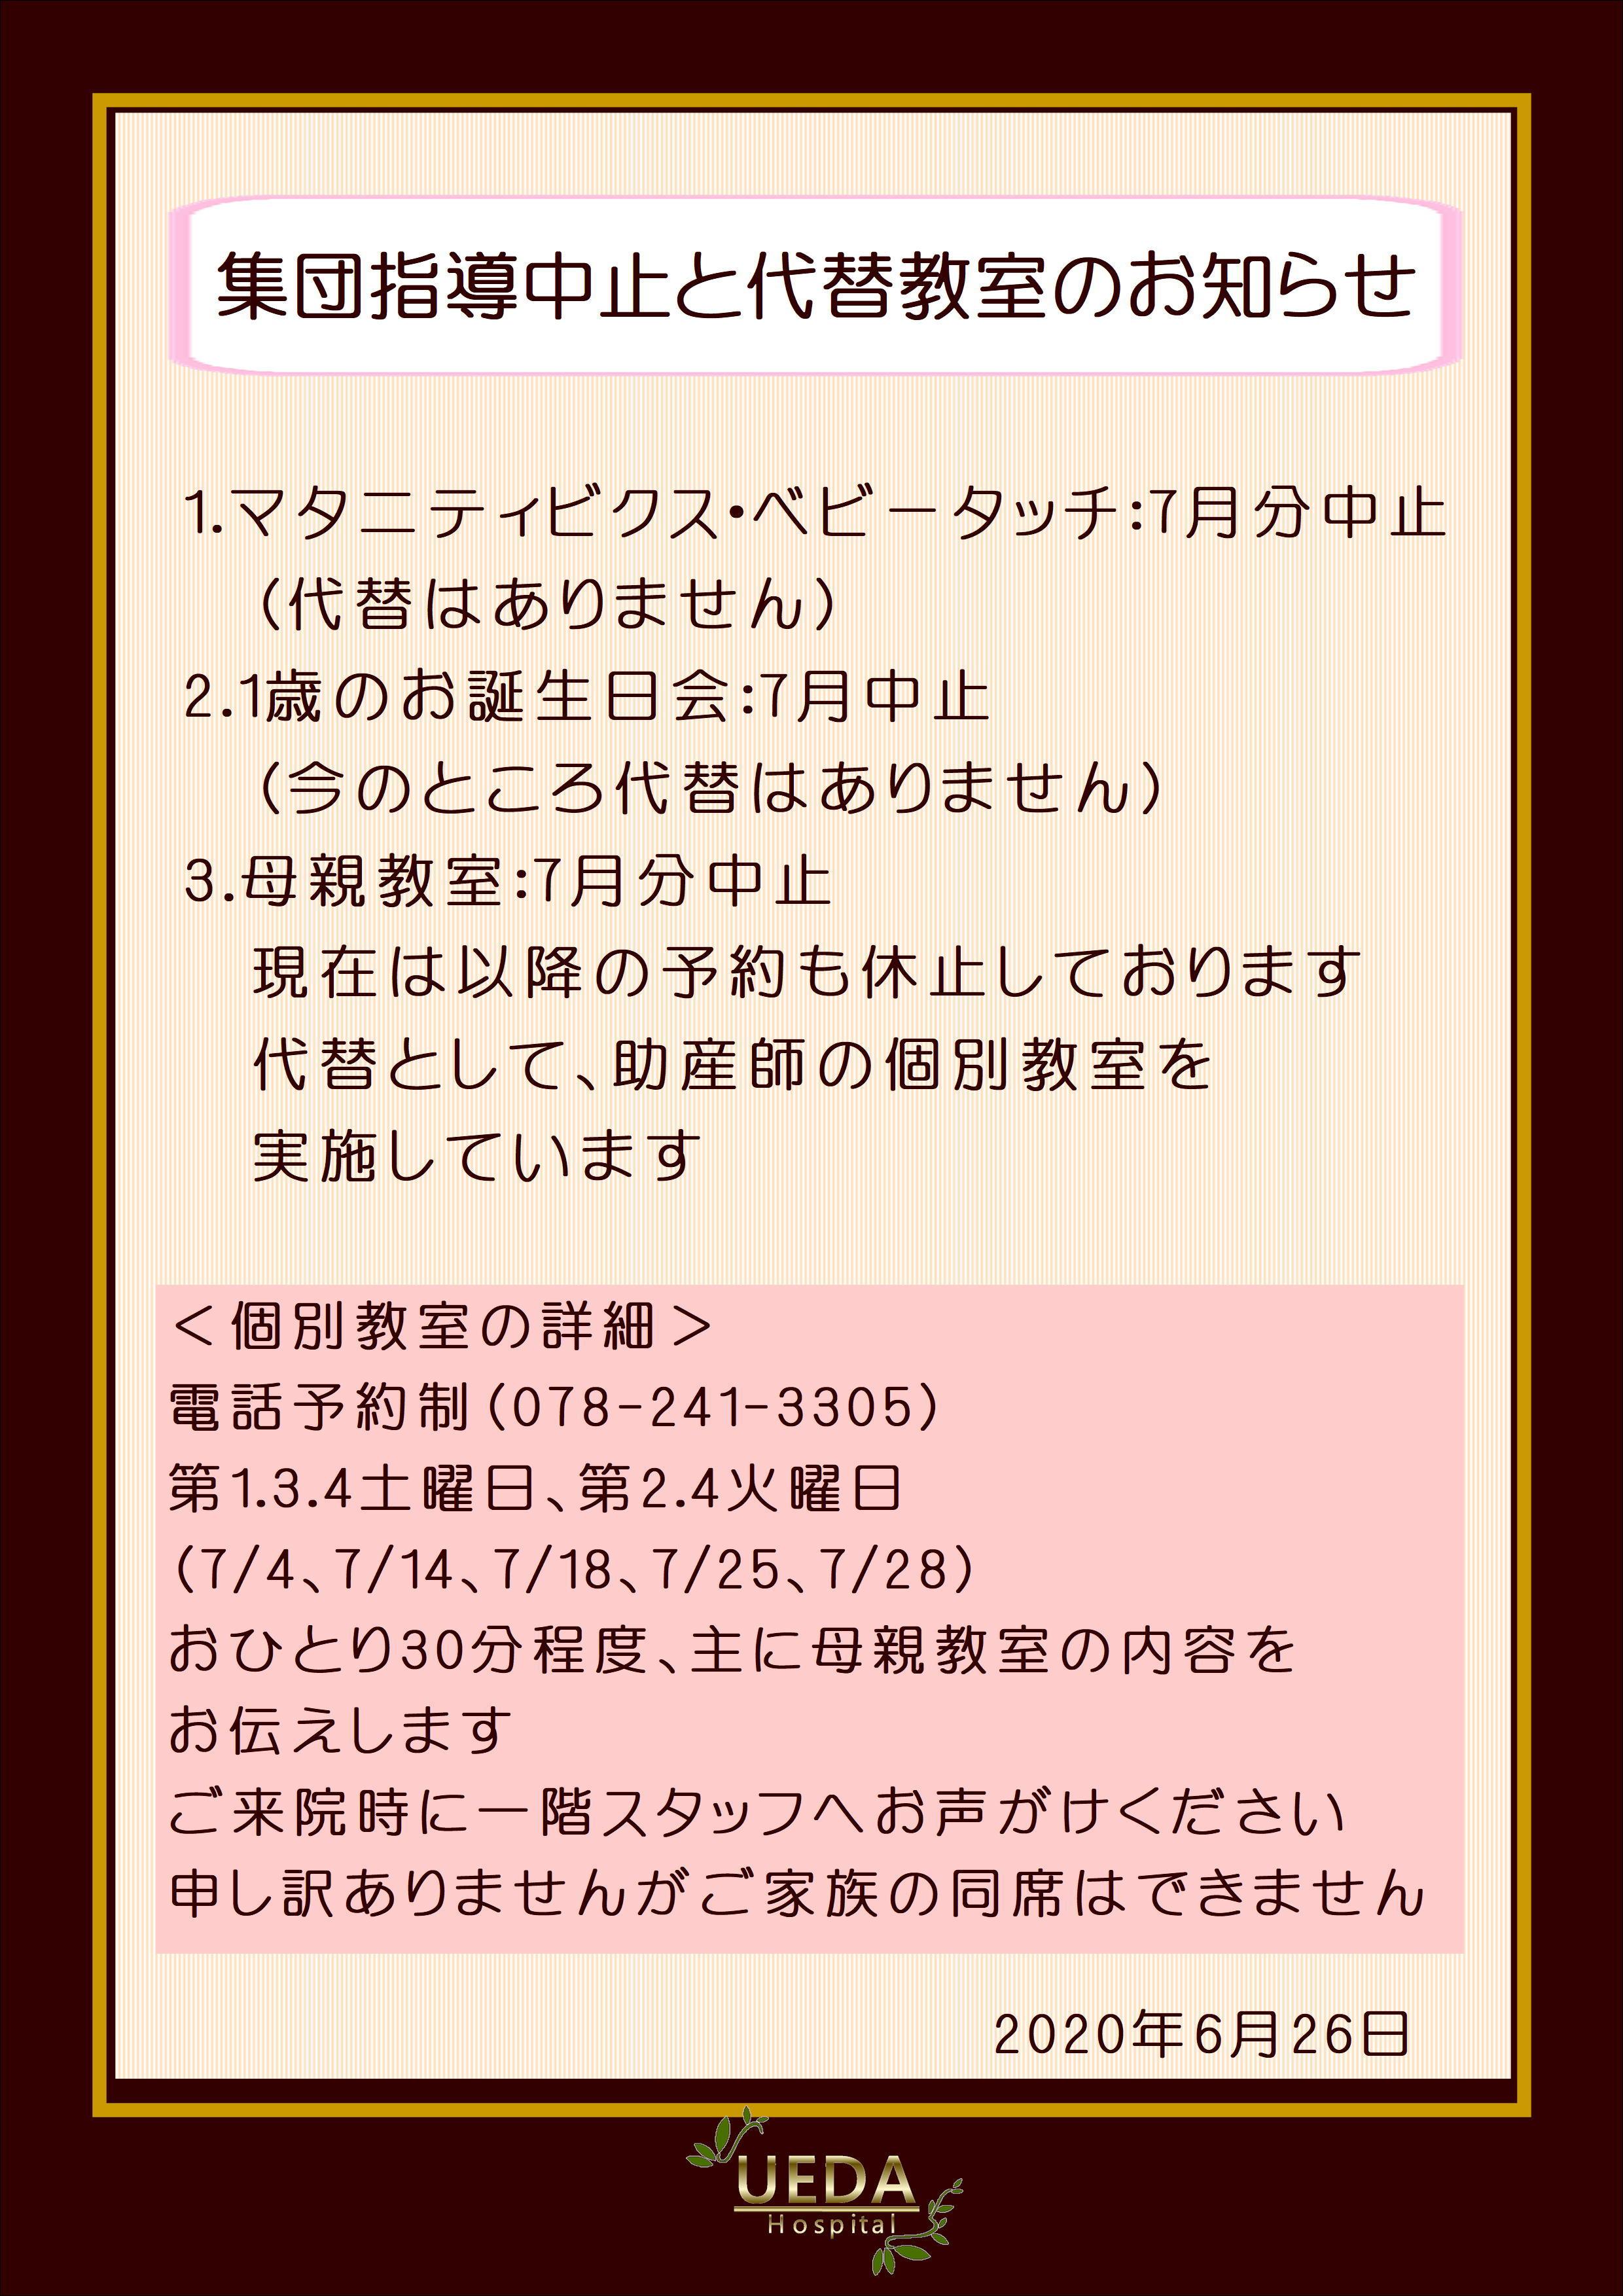 7月集団指導中止.JPG